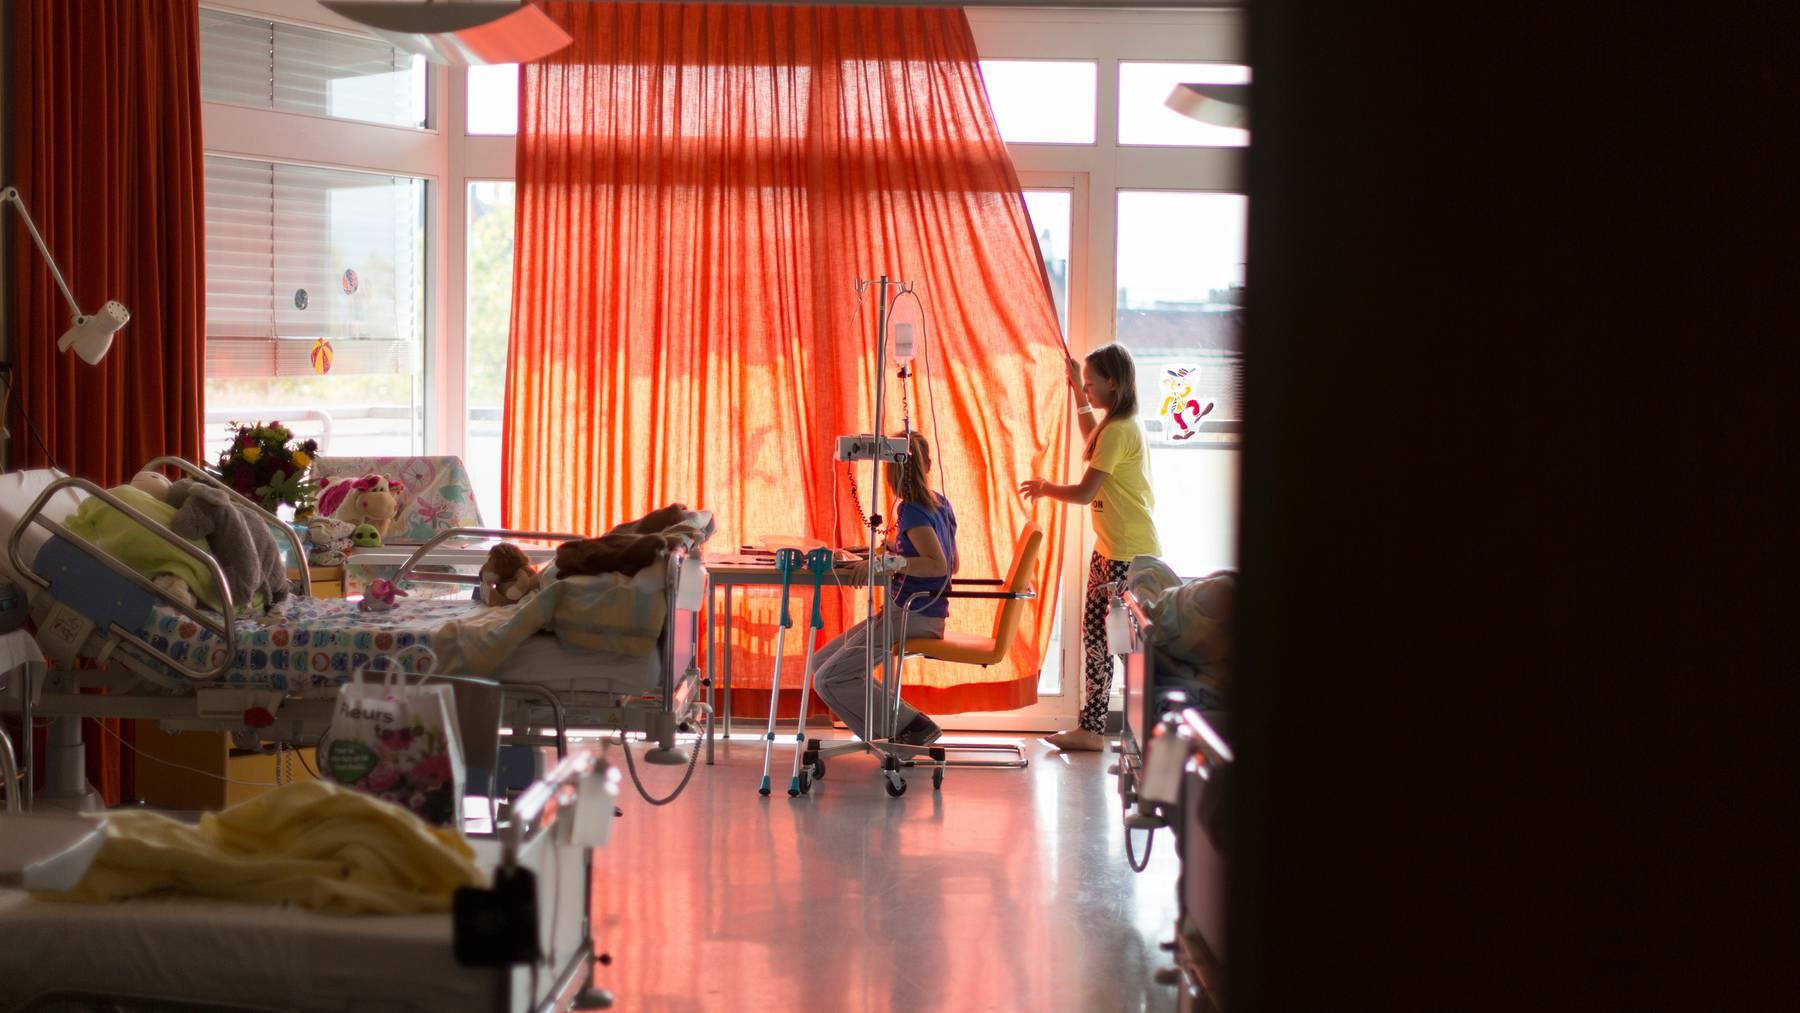 Das Universitäts-Kinderspital Zürich verzeichnet steigende Patientenzahlen und eröffnet deshalb einen neuen Standort. (Symbolbild)